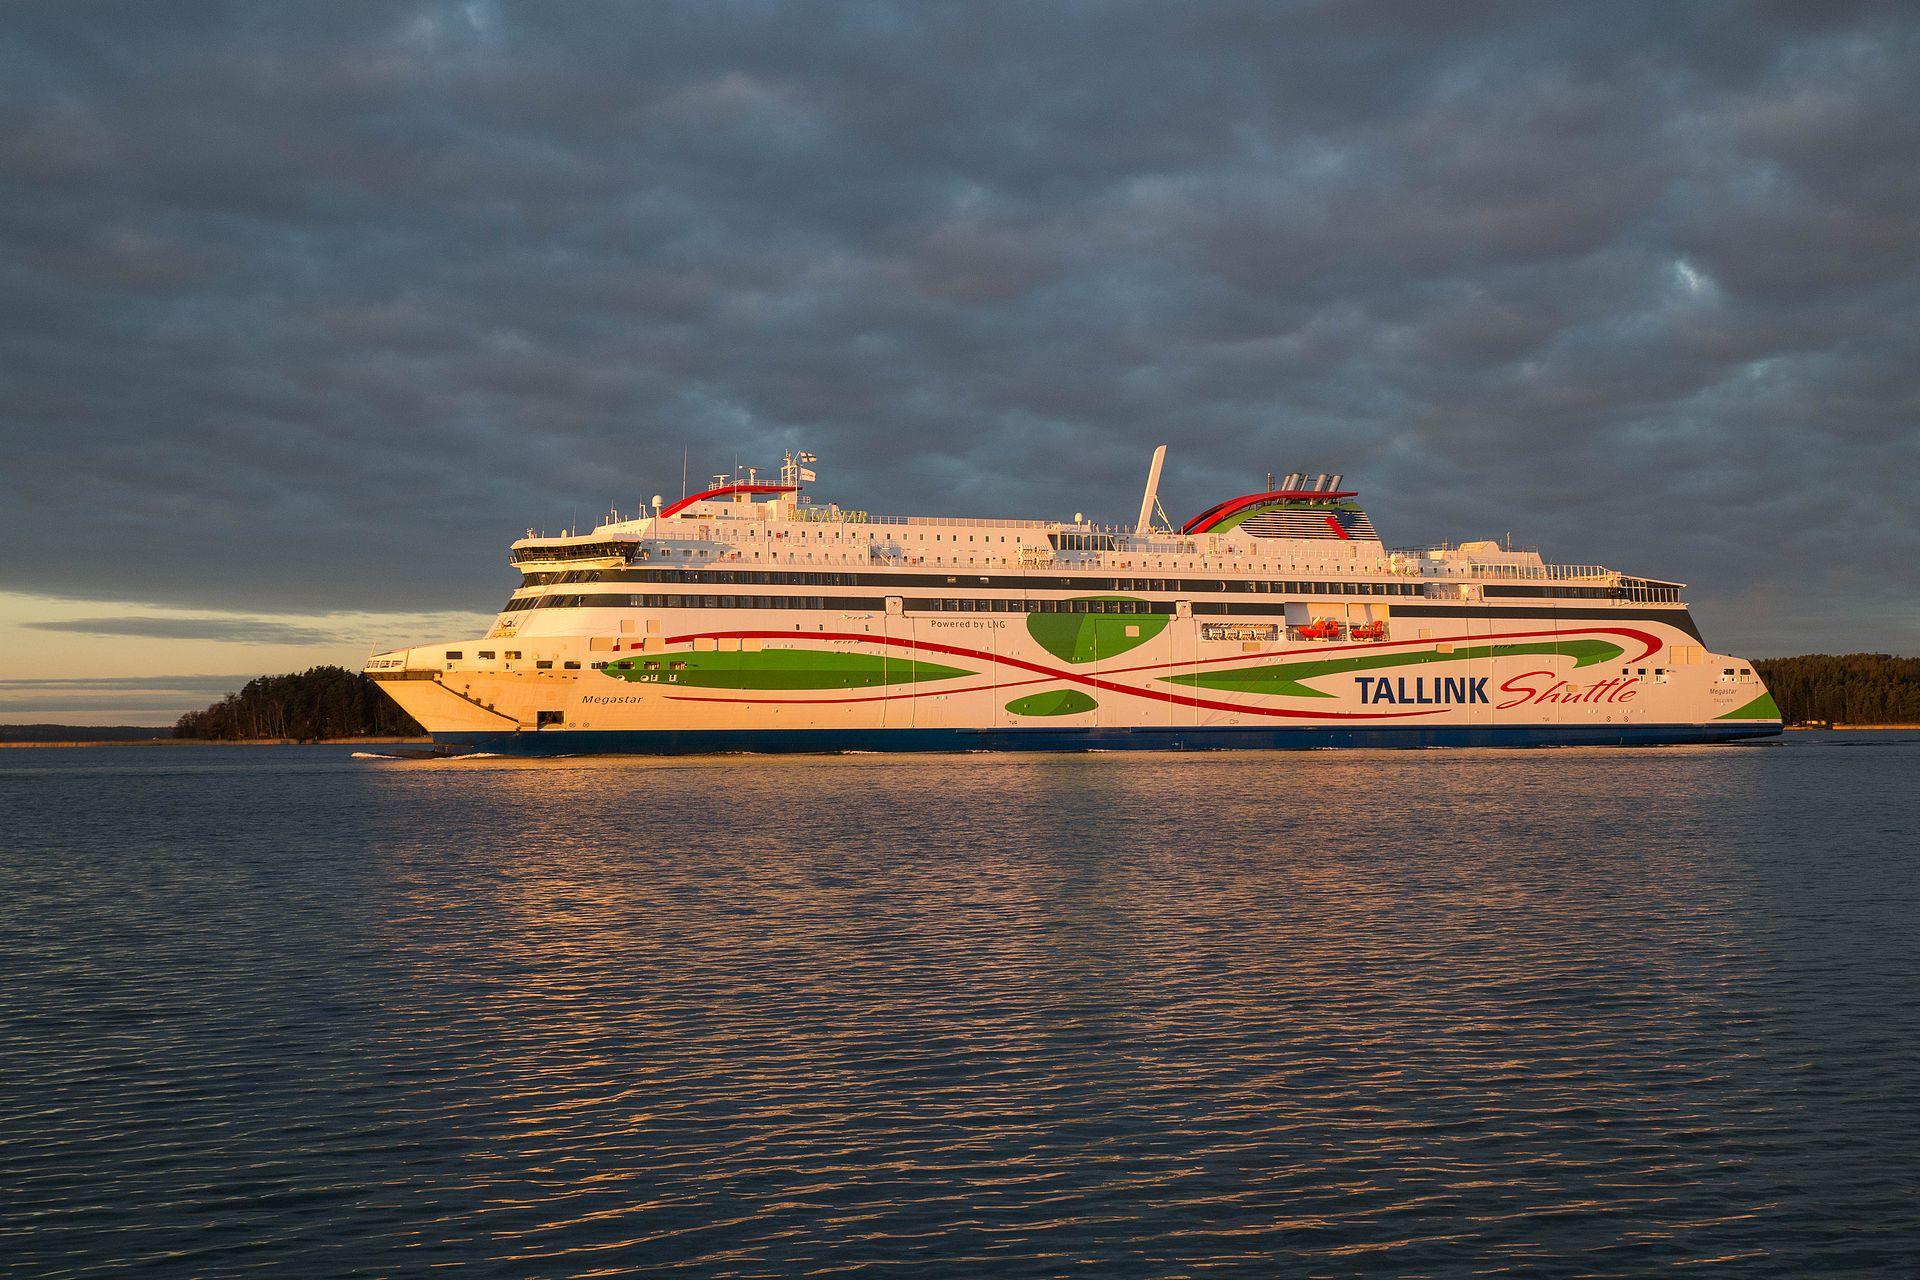 Tallink Megastar aloittaa liikennöinnin tänään välillä Helsinki-Tallinna copyright Tallink Silja